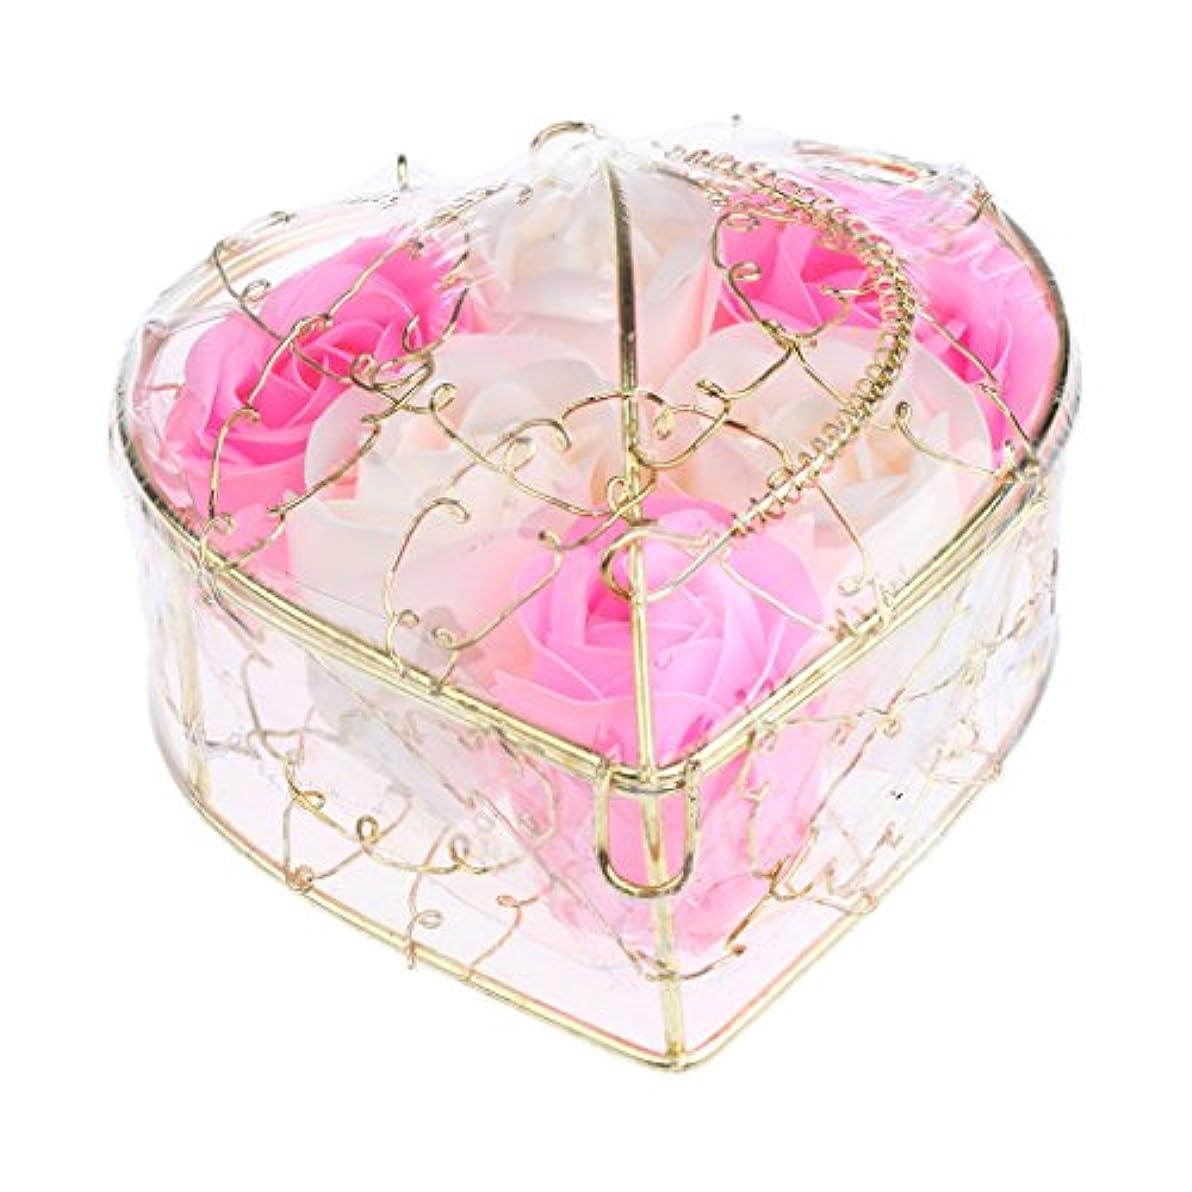 レインコートバックビーズBaoblaze 6個 石鹸の花 母の日 プレゼント 石鹸 お花 枯れないお花 心の形 ギフトボックス プレゼント 全5仕様選べる - ピンクとホワイト